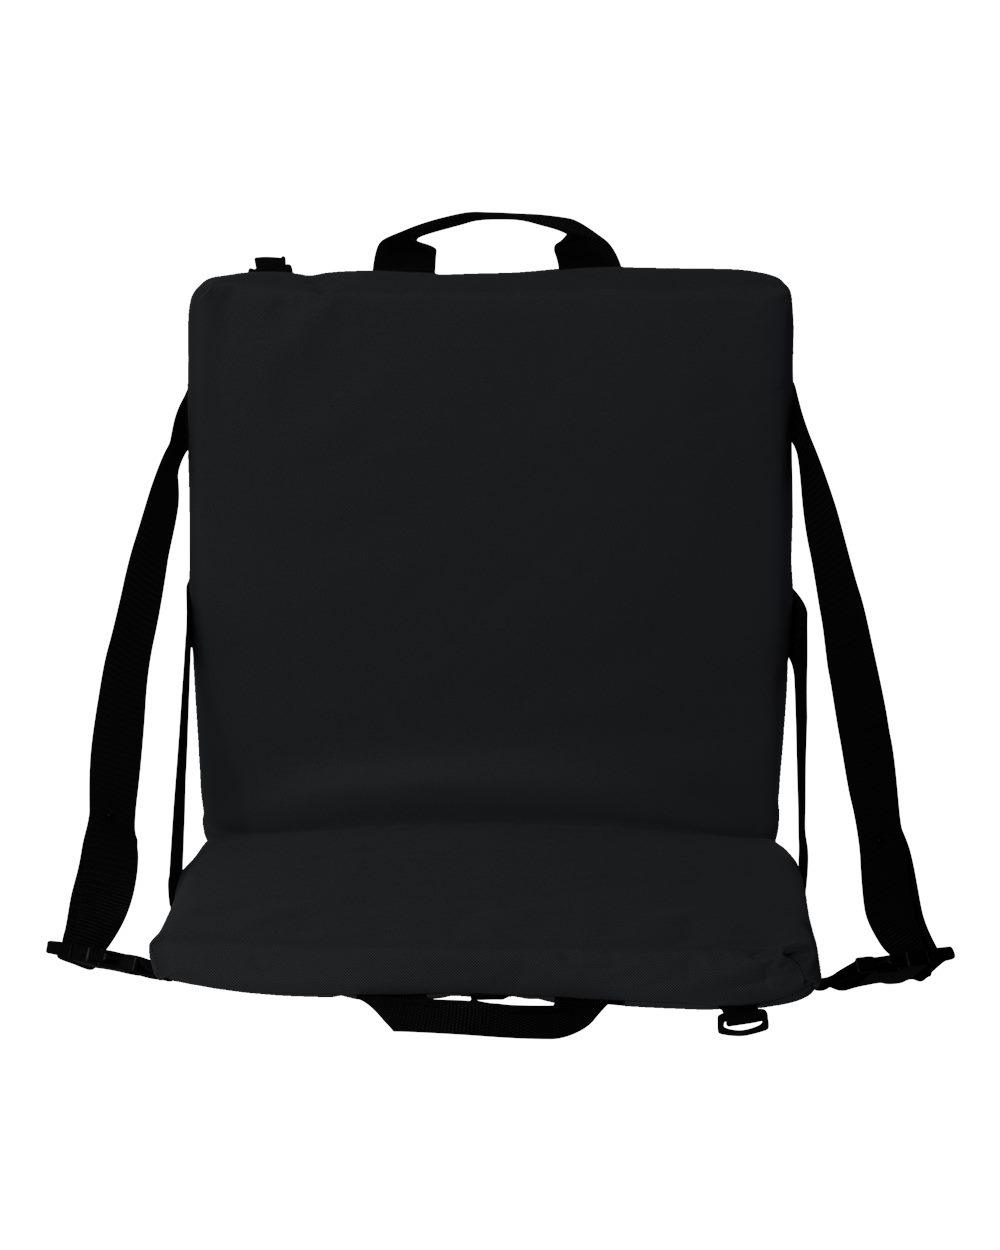 Liberty Bags FT006